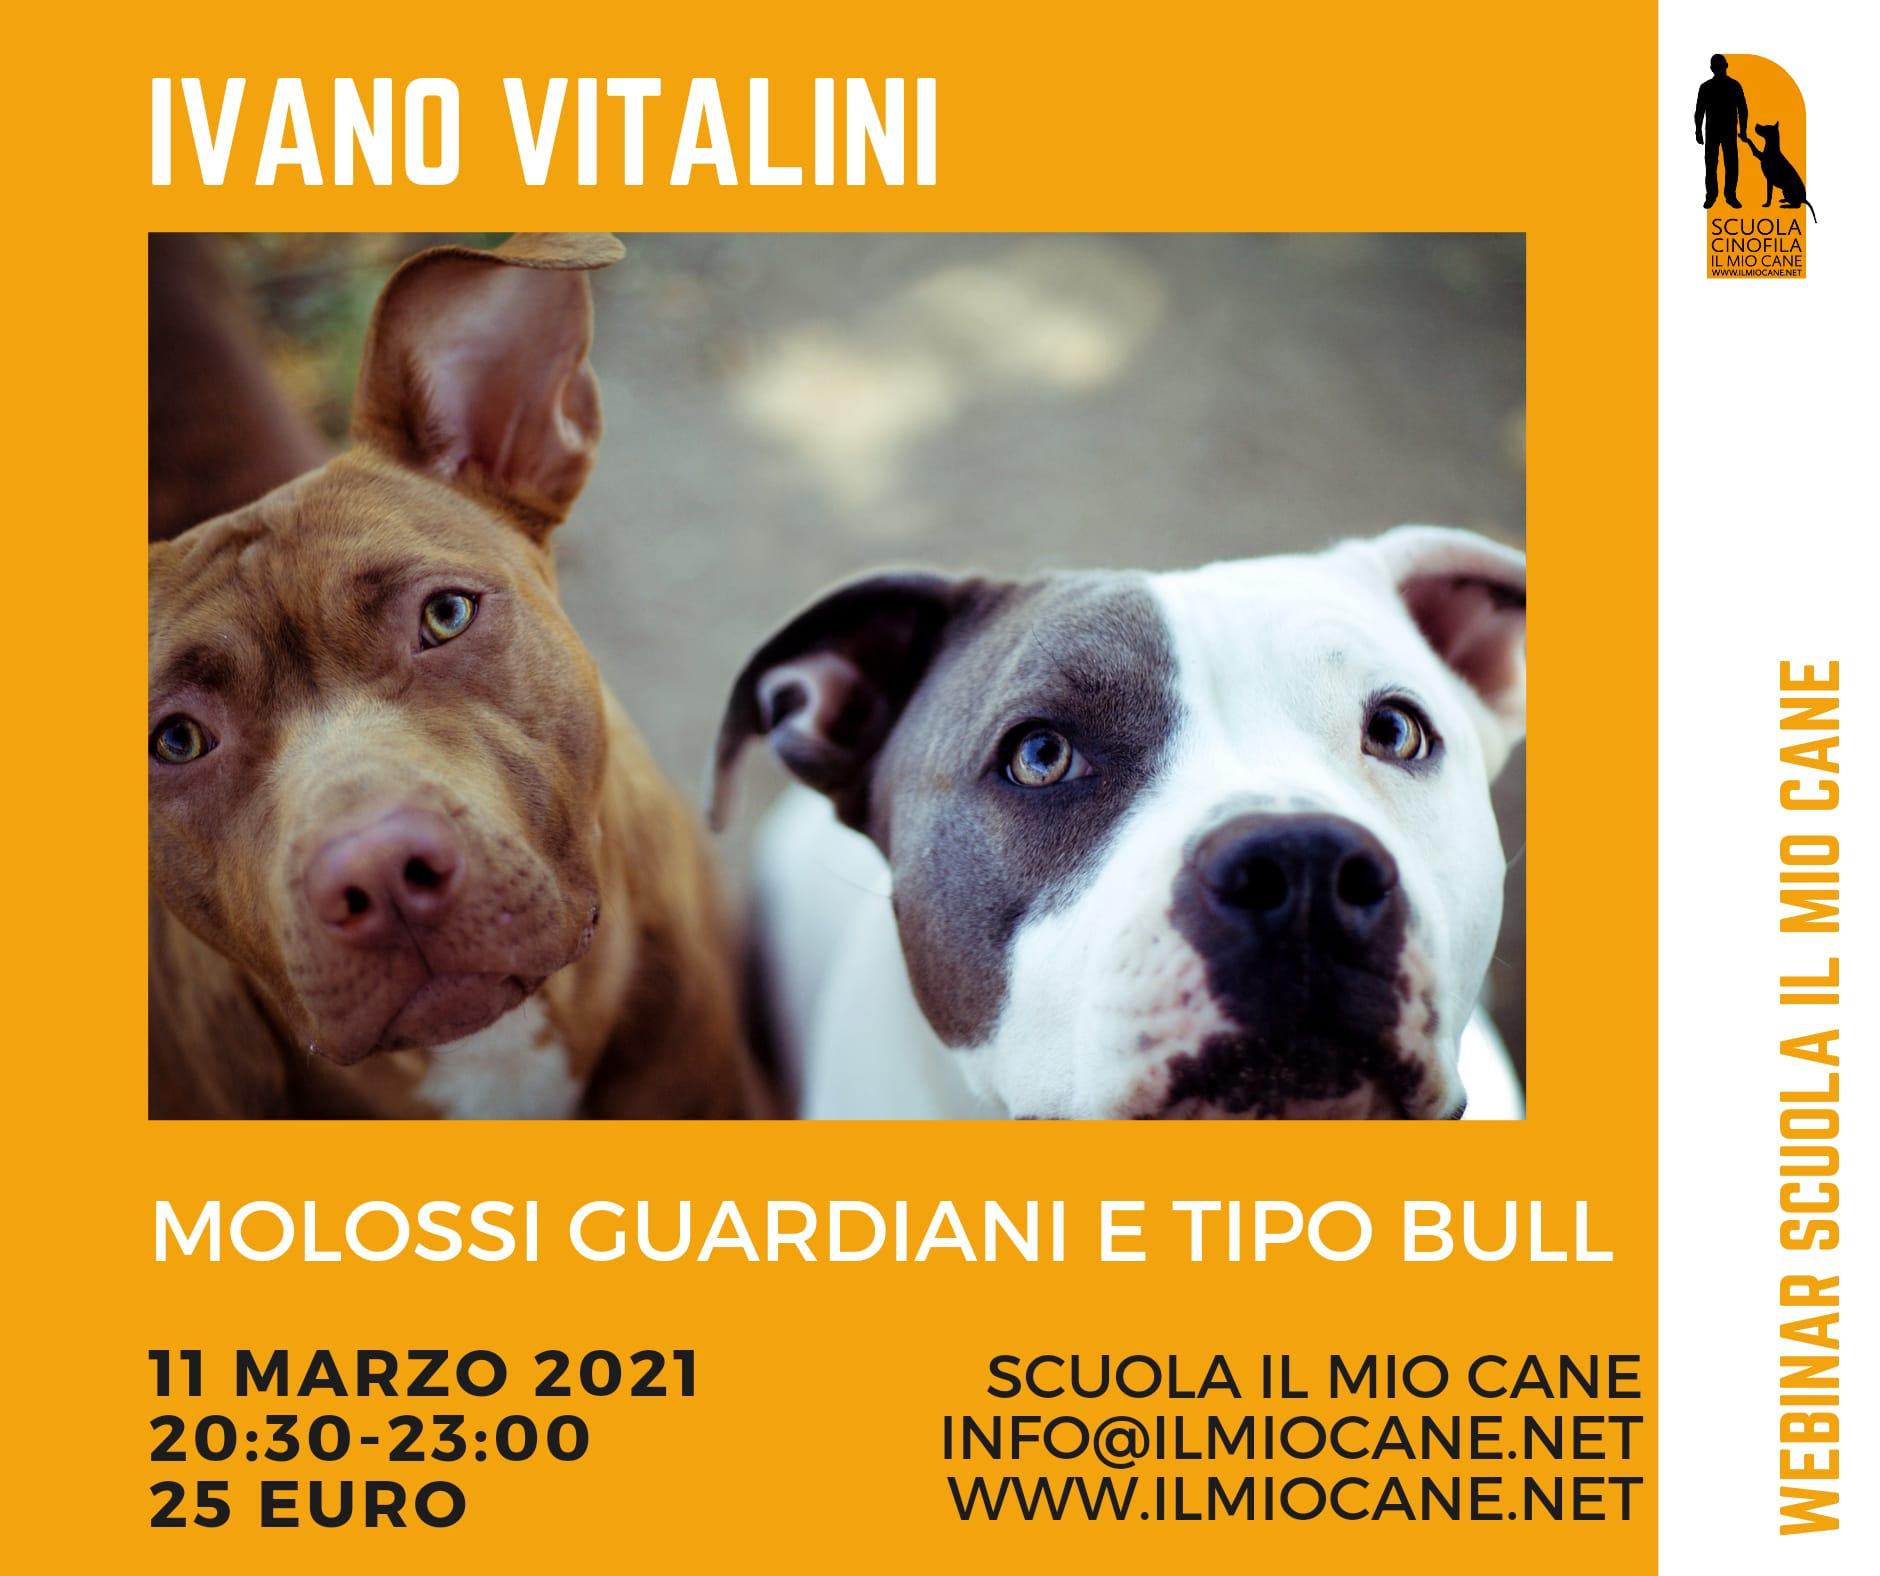 Webinar 11 Marzo 2021 - Molossi guardiani e tipo pitbull con Ivano Vitalini